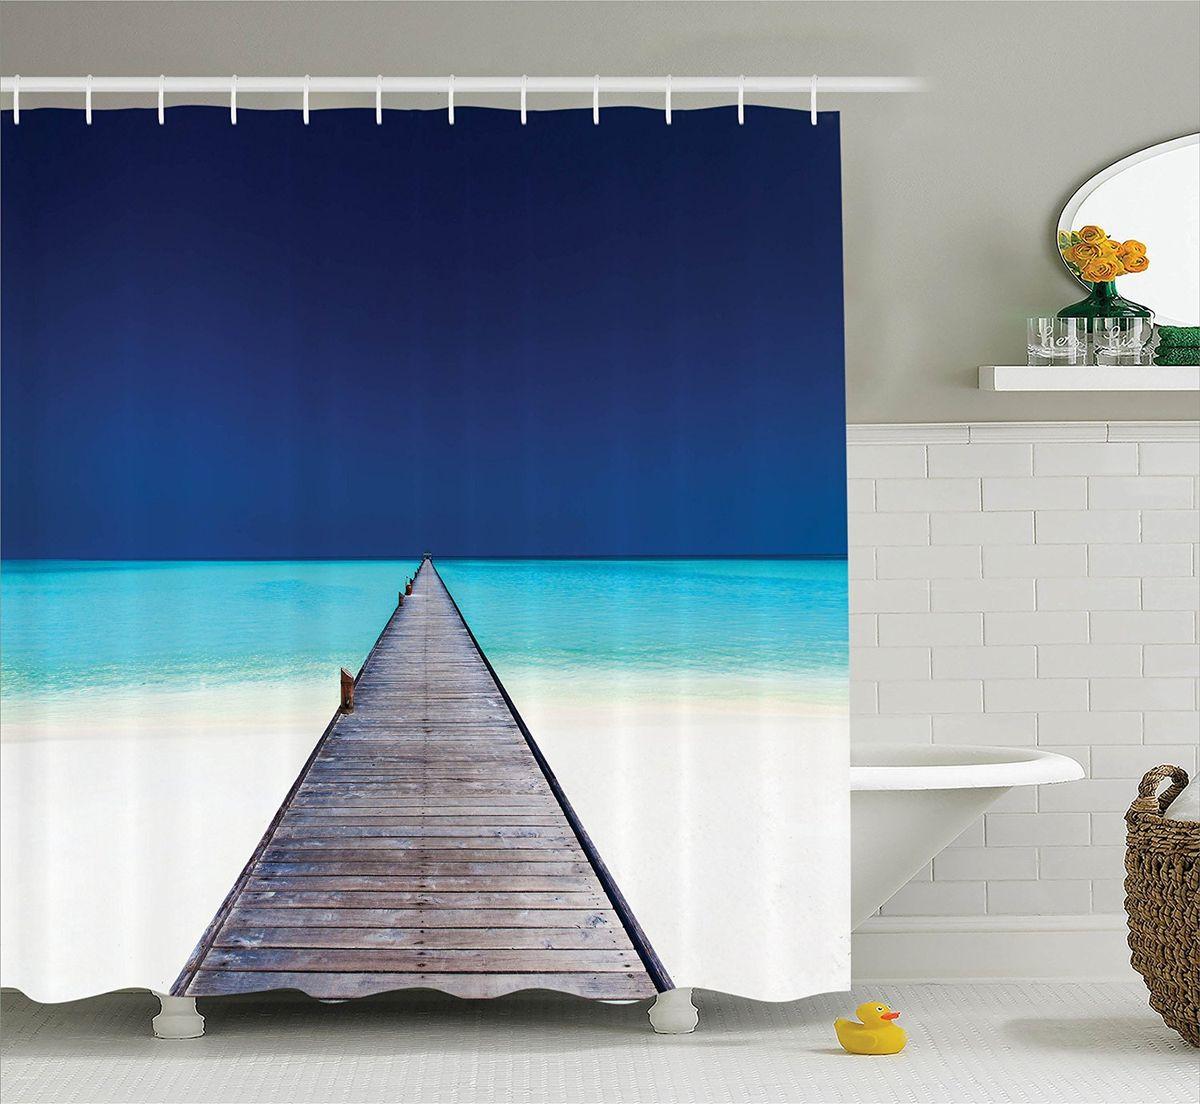 """Штора Magic Lady """"Между небом и морем"""", изготовленная из высококачественного сатена (полиэстер 100%), отлично дополнит любой интерьер ванной комнаты. При изготовлении используются специальные гипоаллергенные чернила для прямой печати по ткани, безопасные для человека.    В комплекте: 1 штора, 12 крючков. Обращаем ваше внимание, фактический цвет изделия может незначительно отличаться от представленного на фото."""